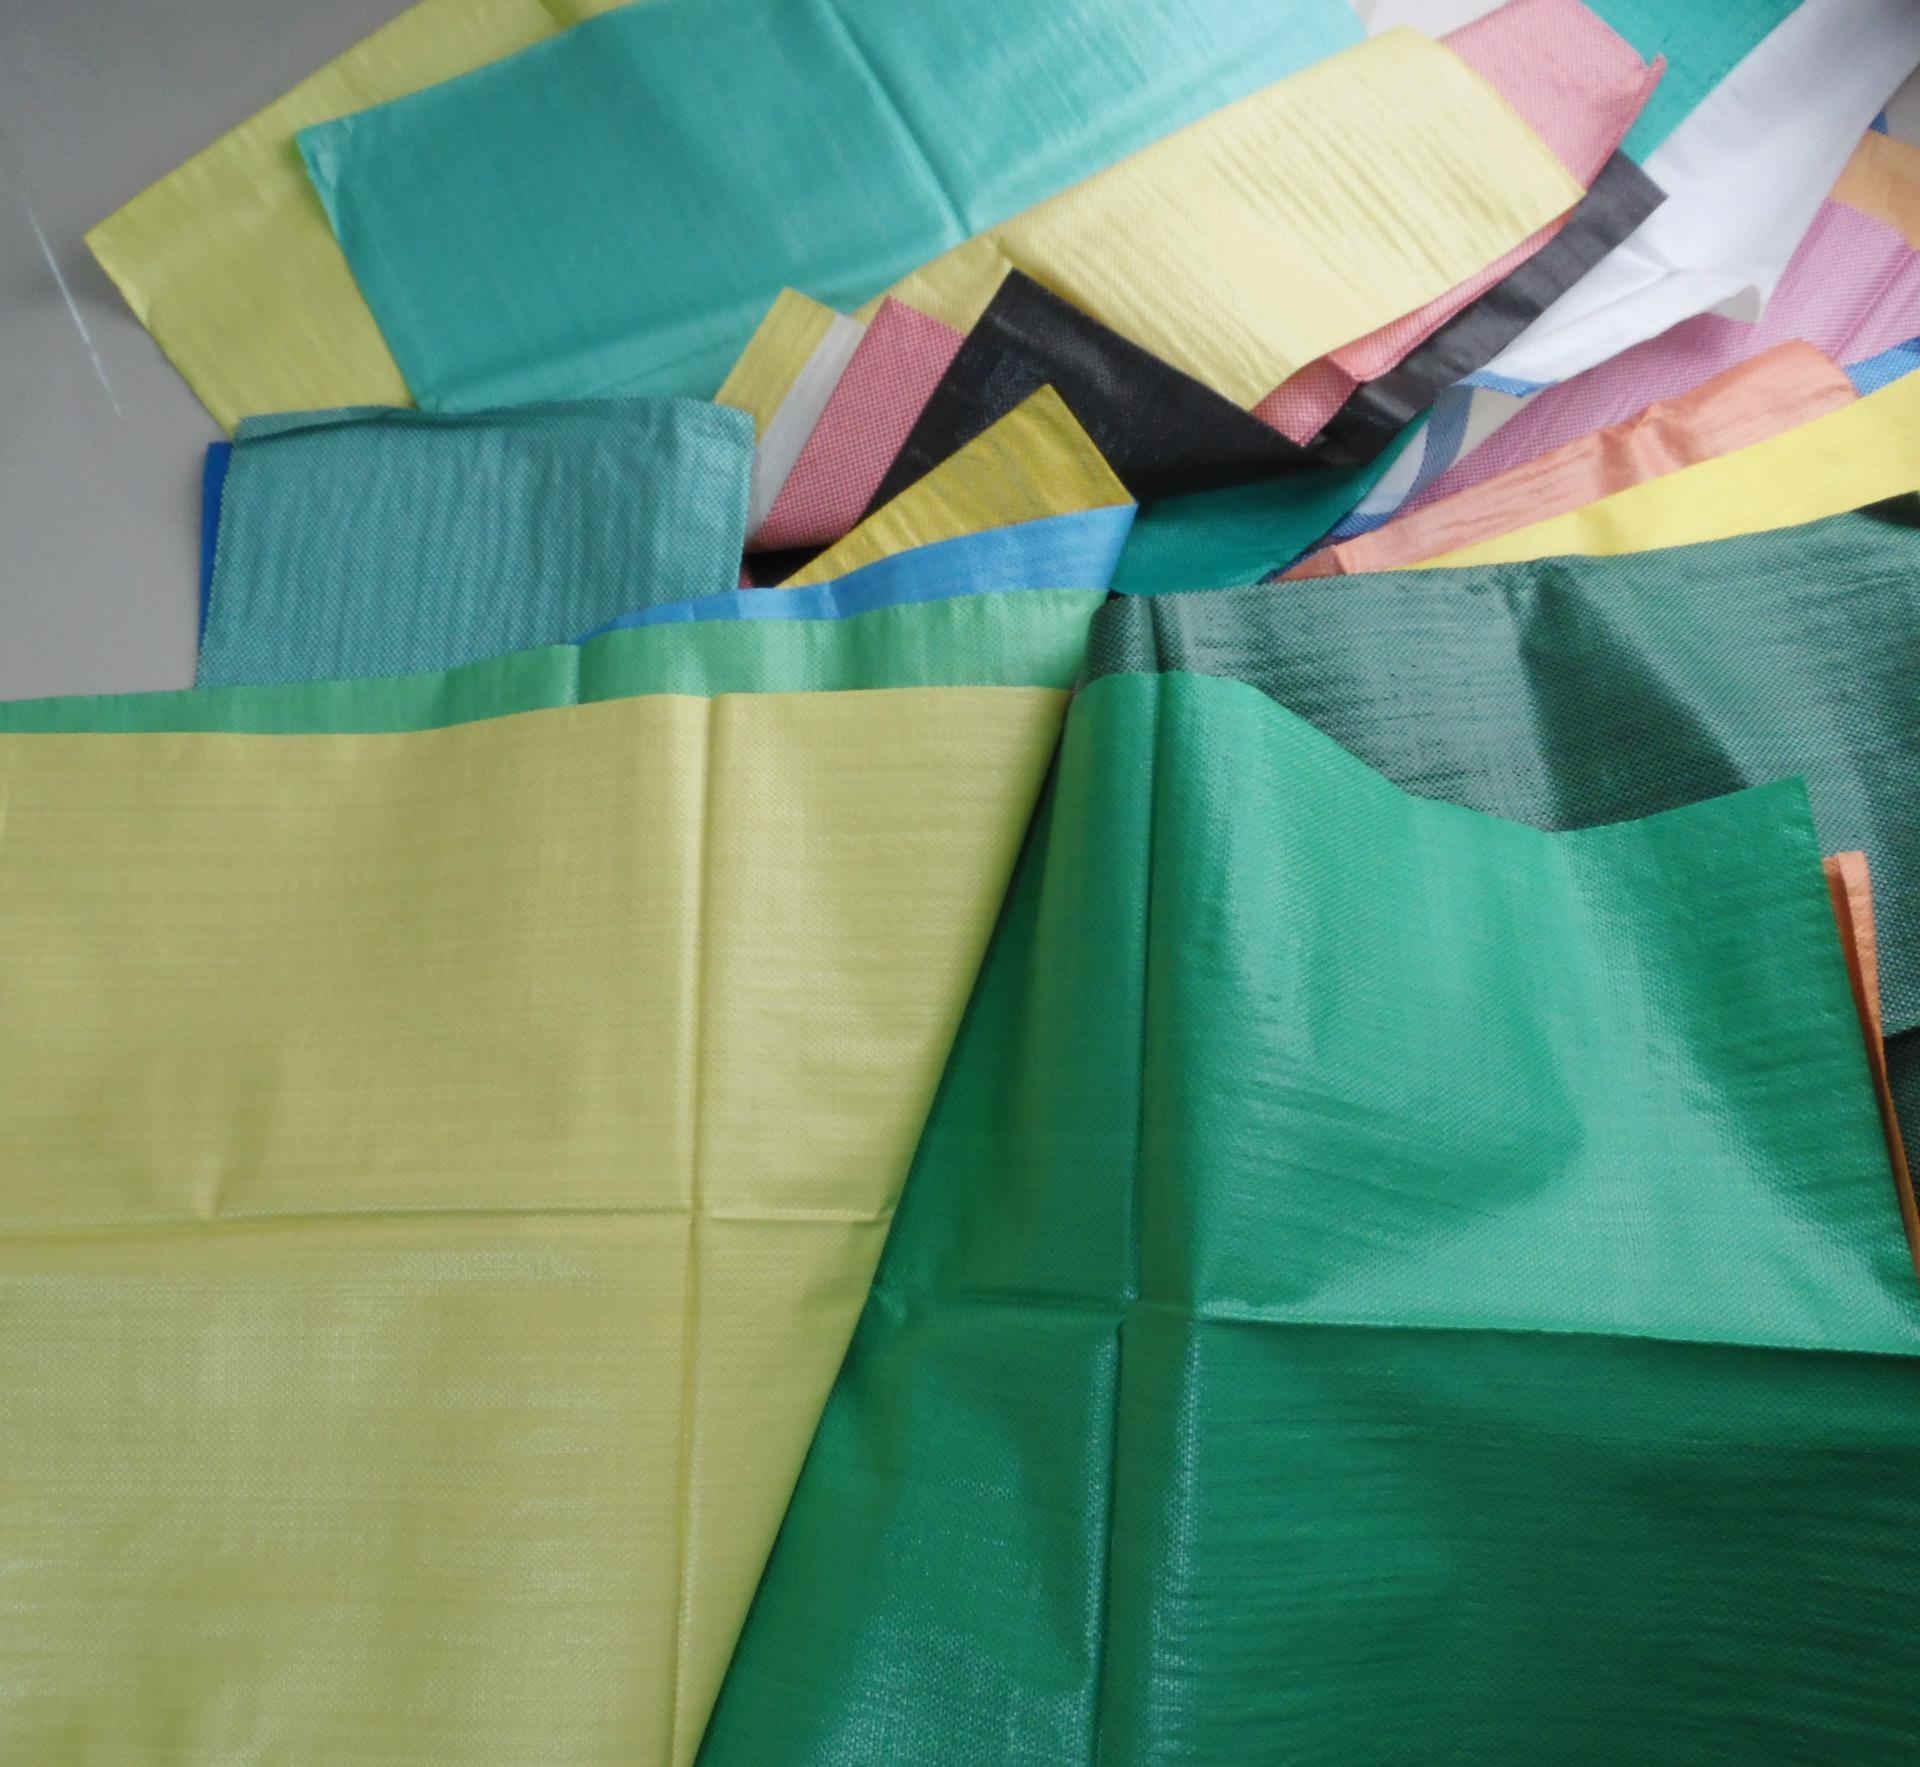 验收四川编织袋时检查哪些方面?